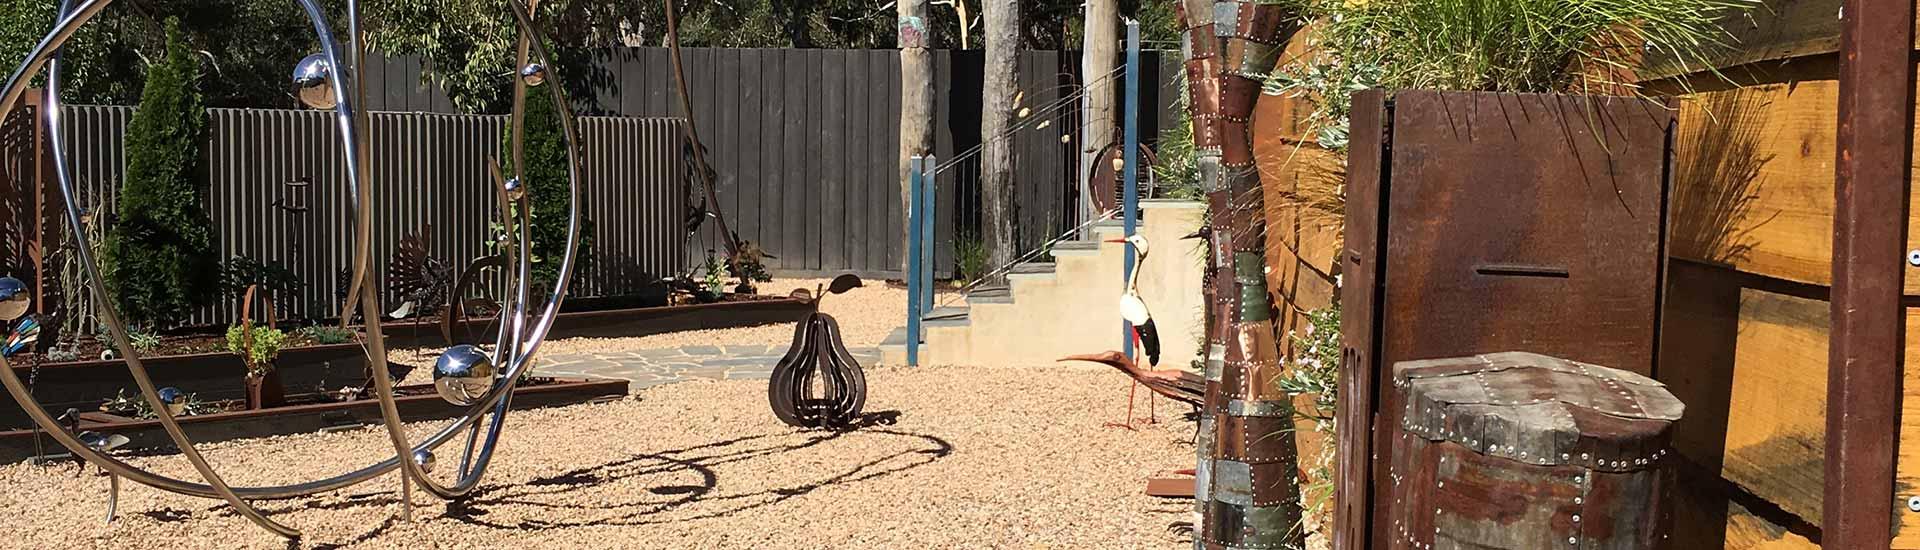 Michael Parker Sculpture Garden Daylesford